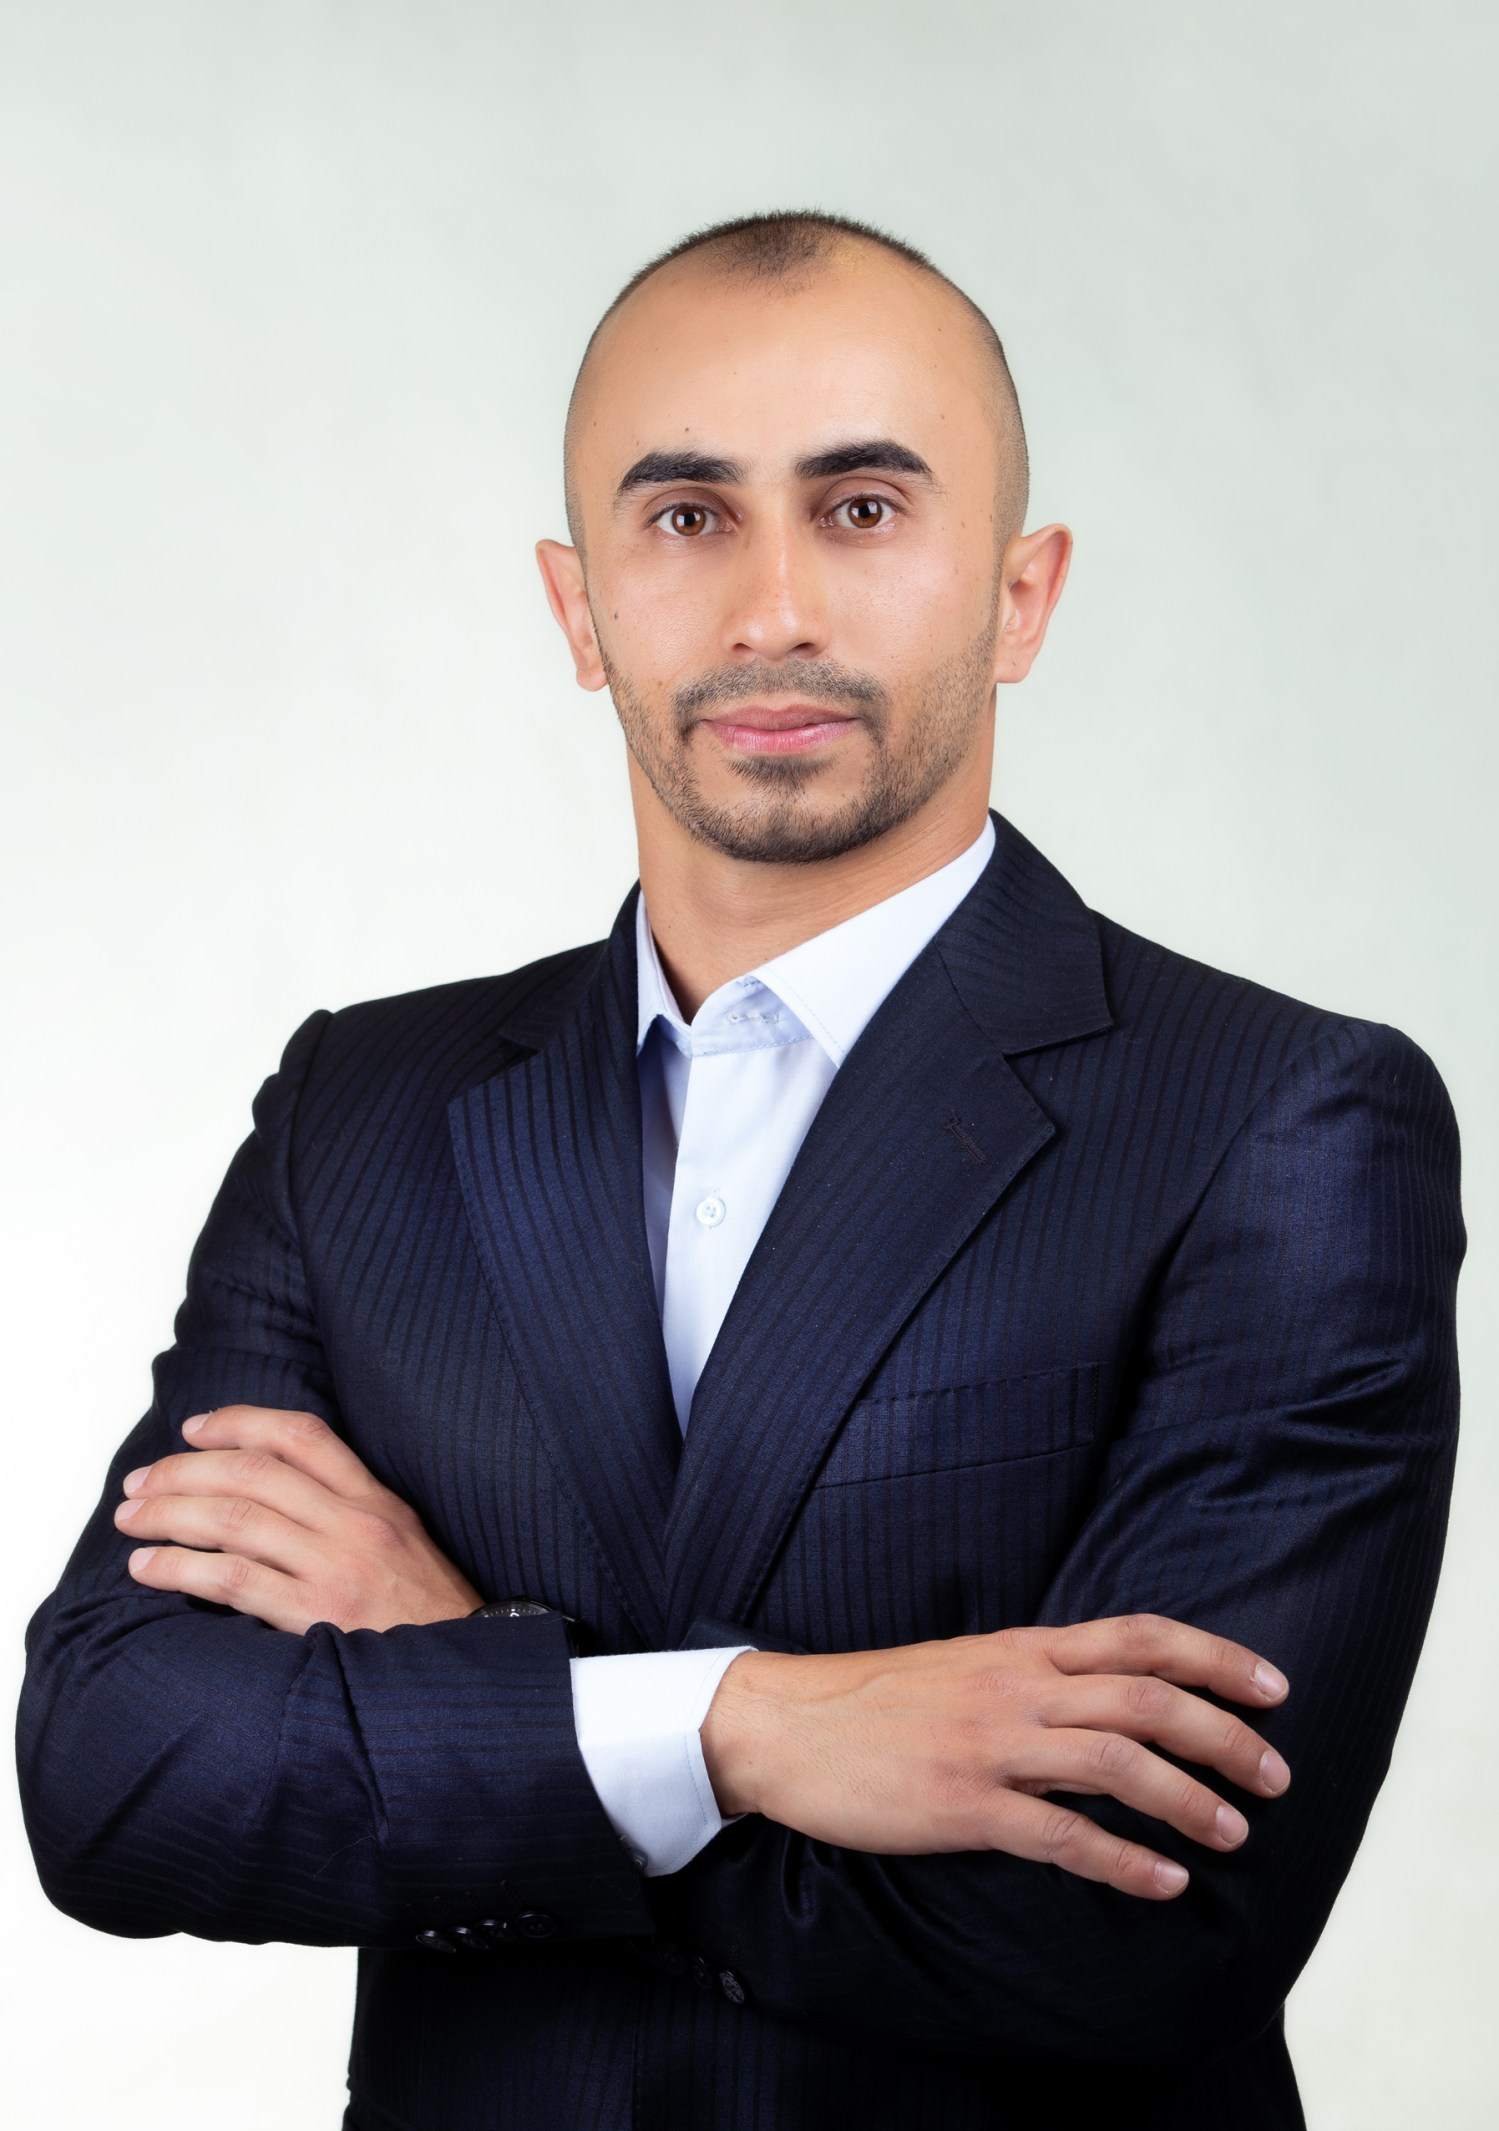 <br>Mostapha al-Masry